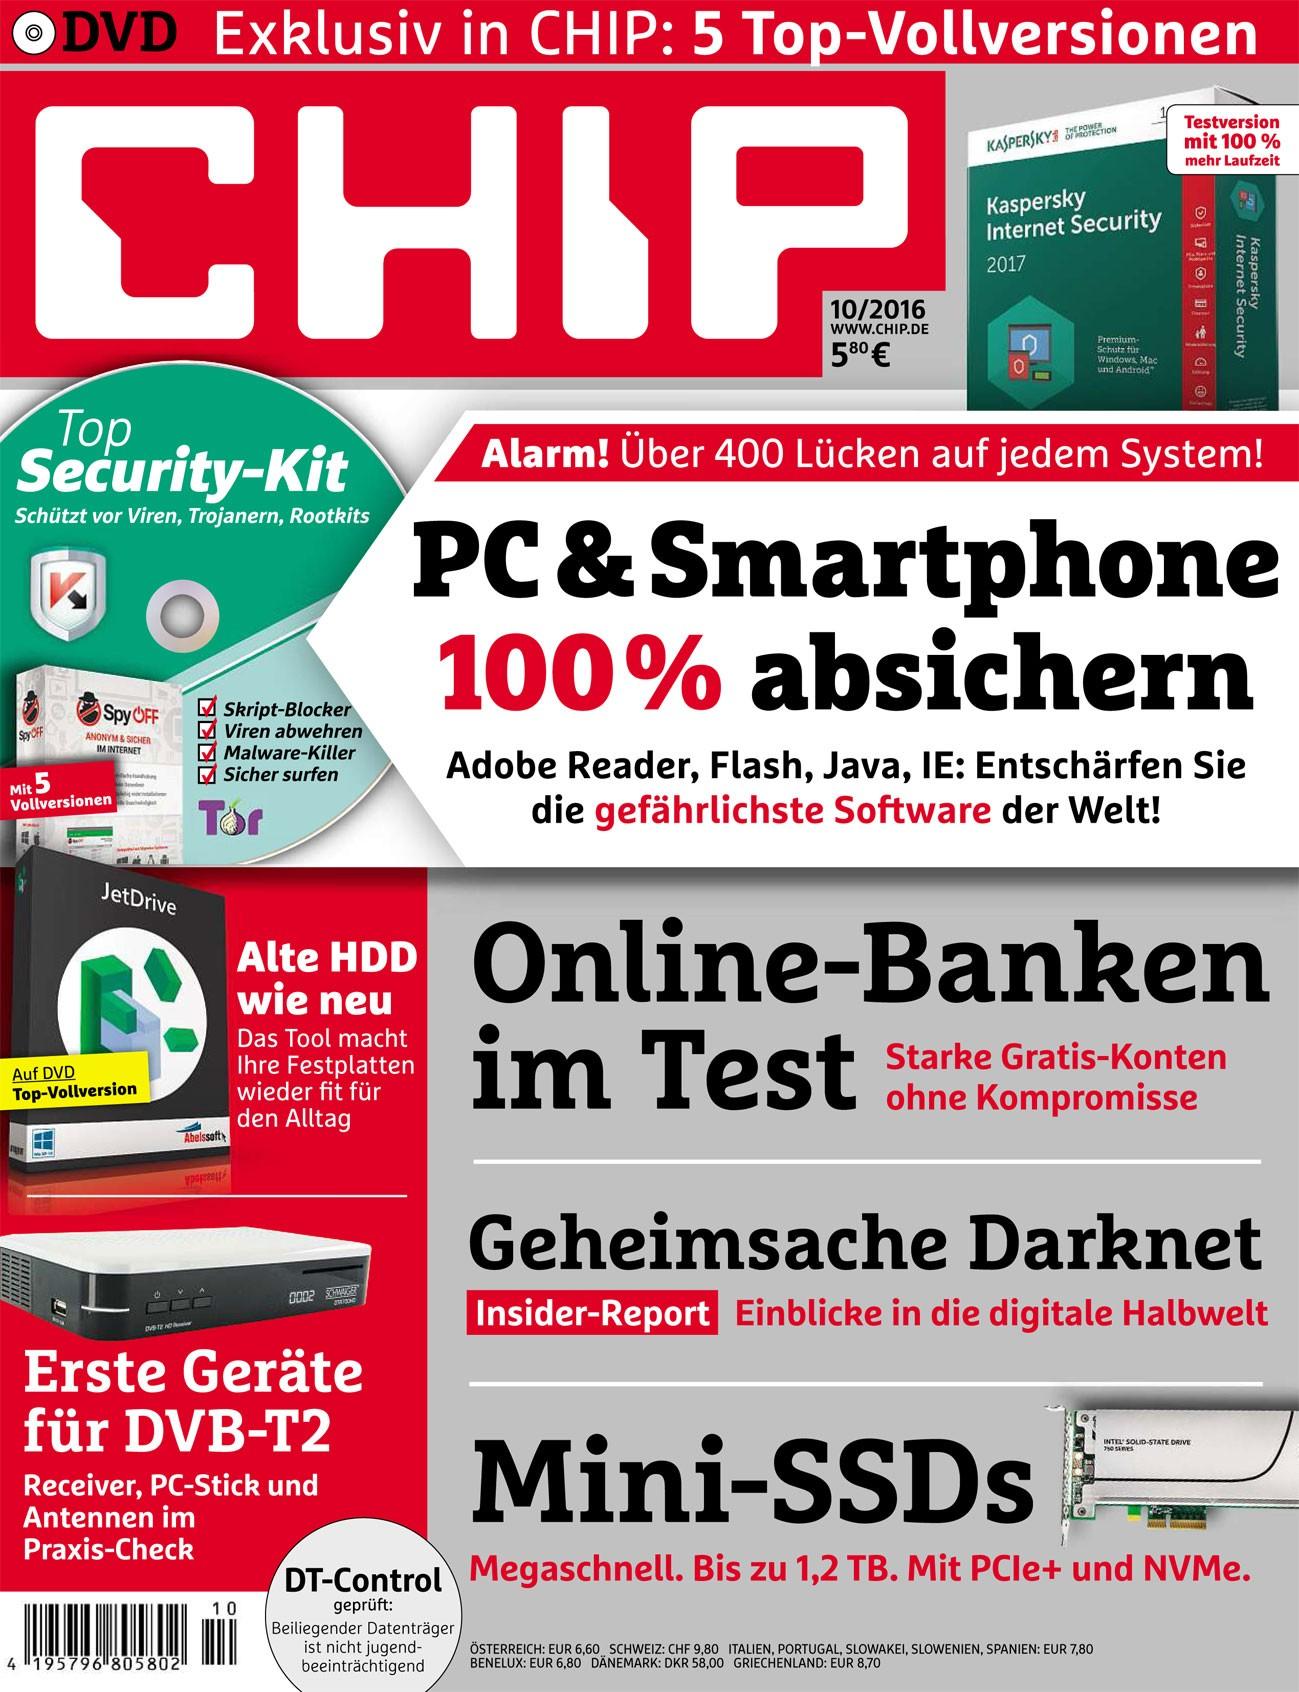 6 Ausgaben der Zeitschrift Chip mit DVD für effektiv 4,80€ (muss gekündigt werden)